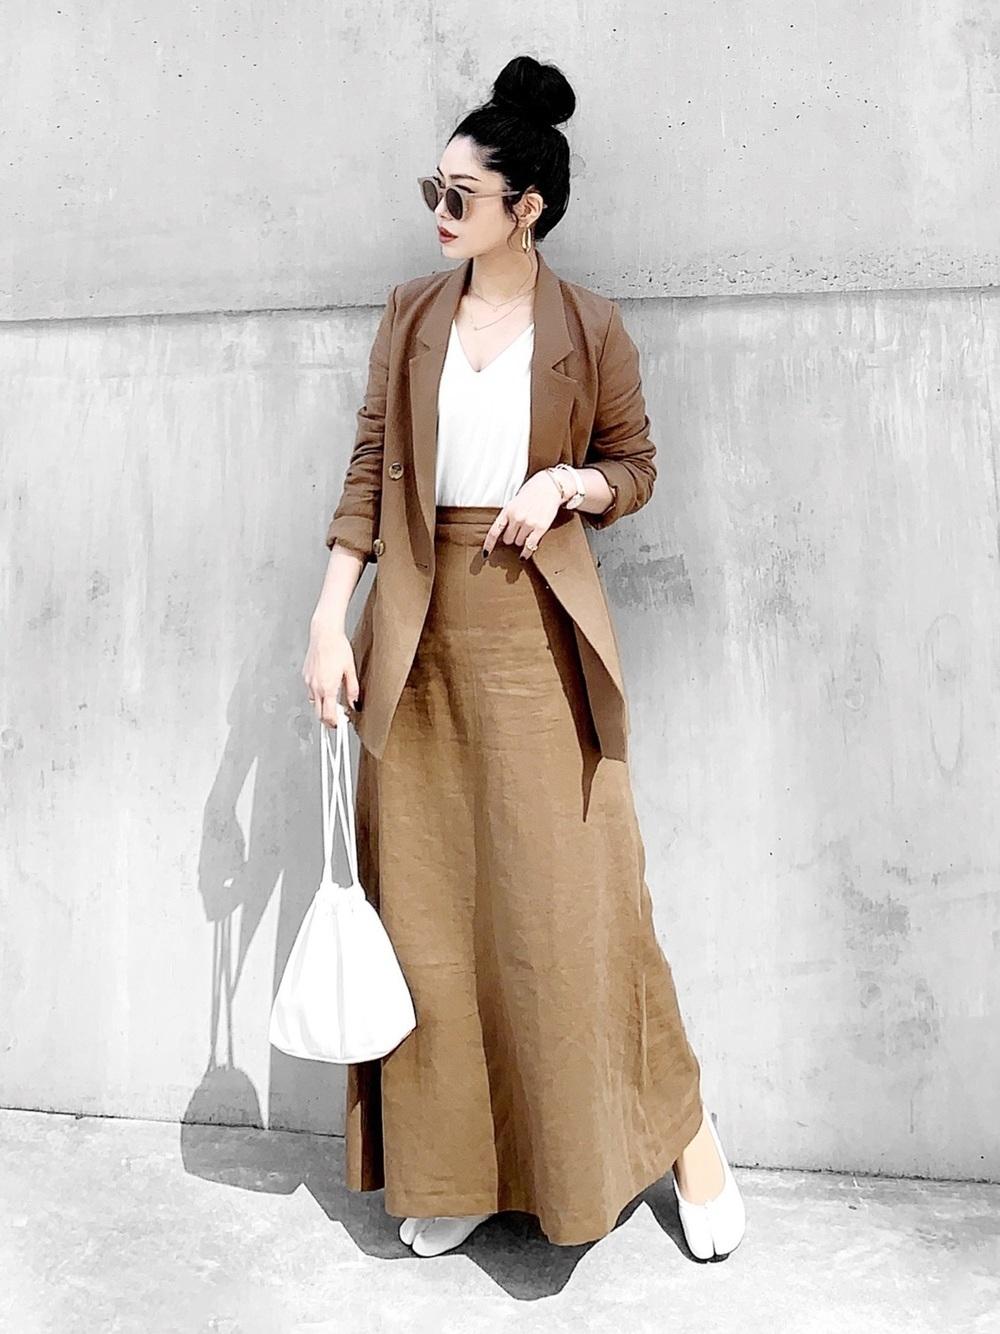 ブラウンセミフレアロングスカート×ブラウンジャケット